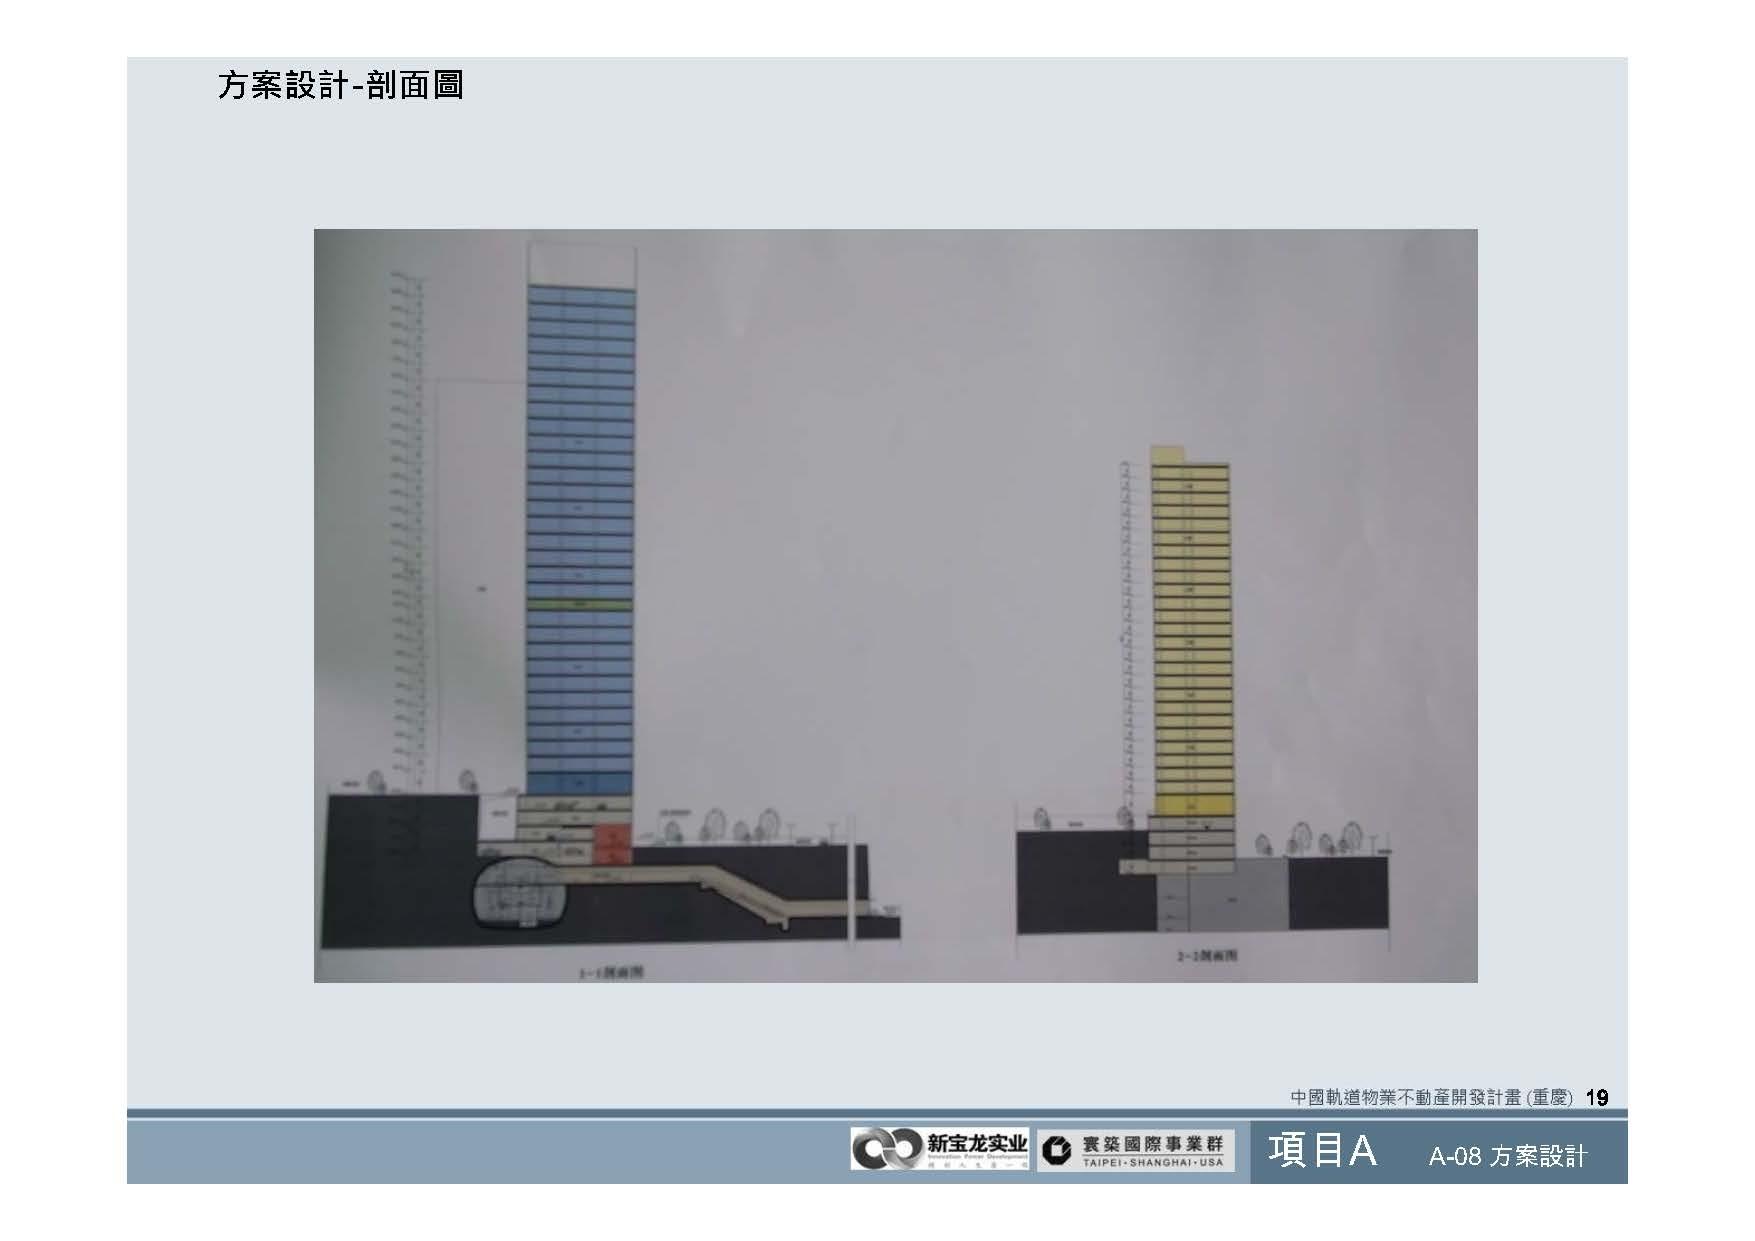 20100812-中國軌道物業不動產開發計畫(重慶)_頁面_20